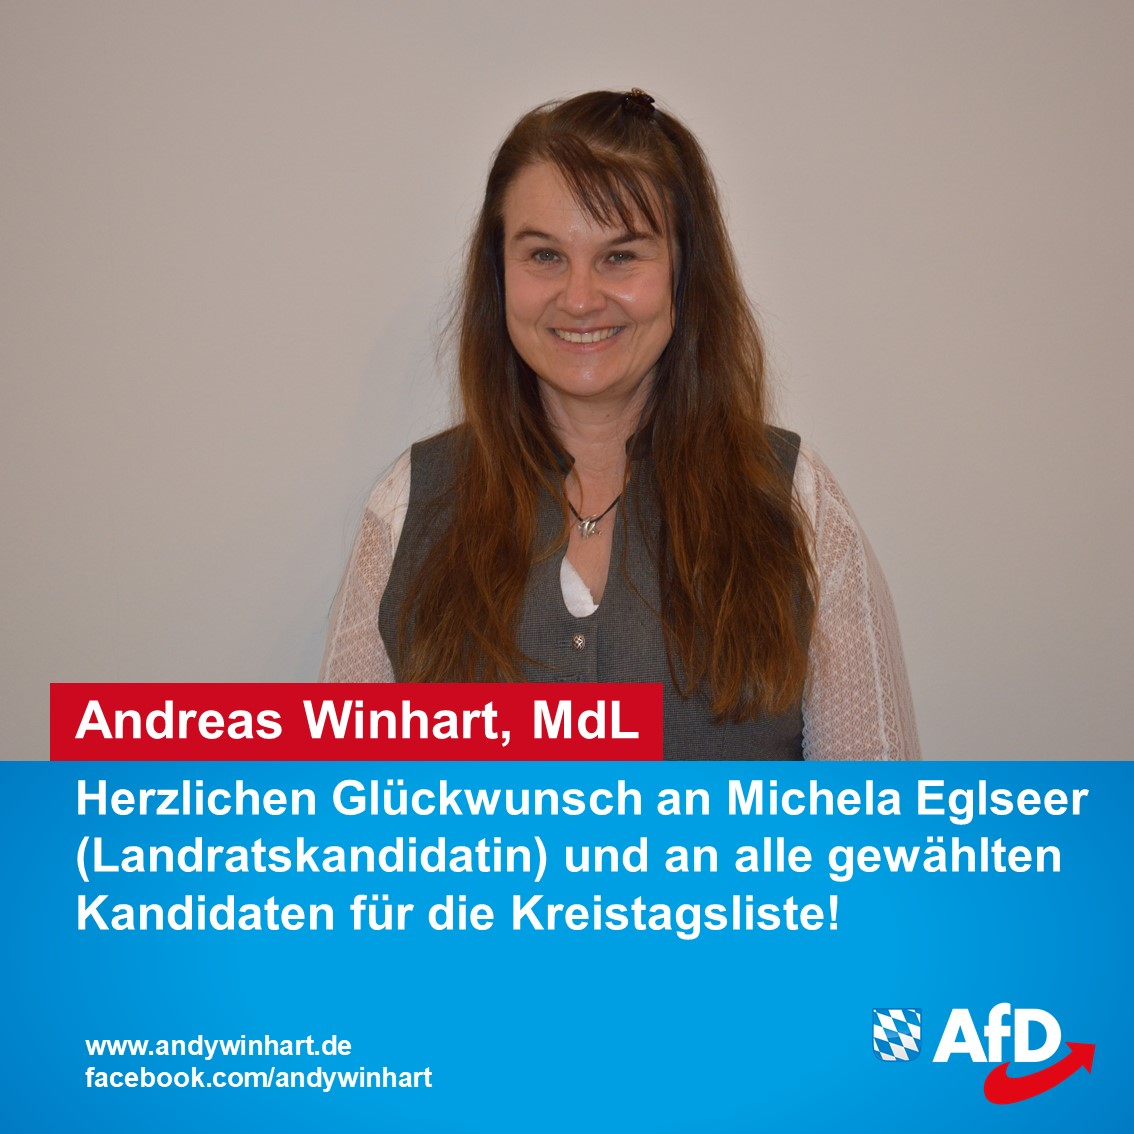 Mit Michaela Eglseer an der Spitze – Aufstellungsversammlung der AfD zum Landrat und Kreistag